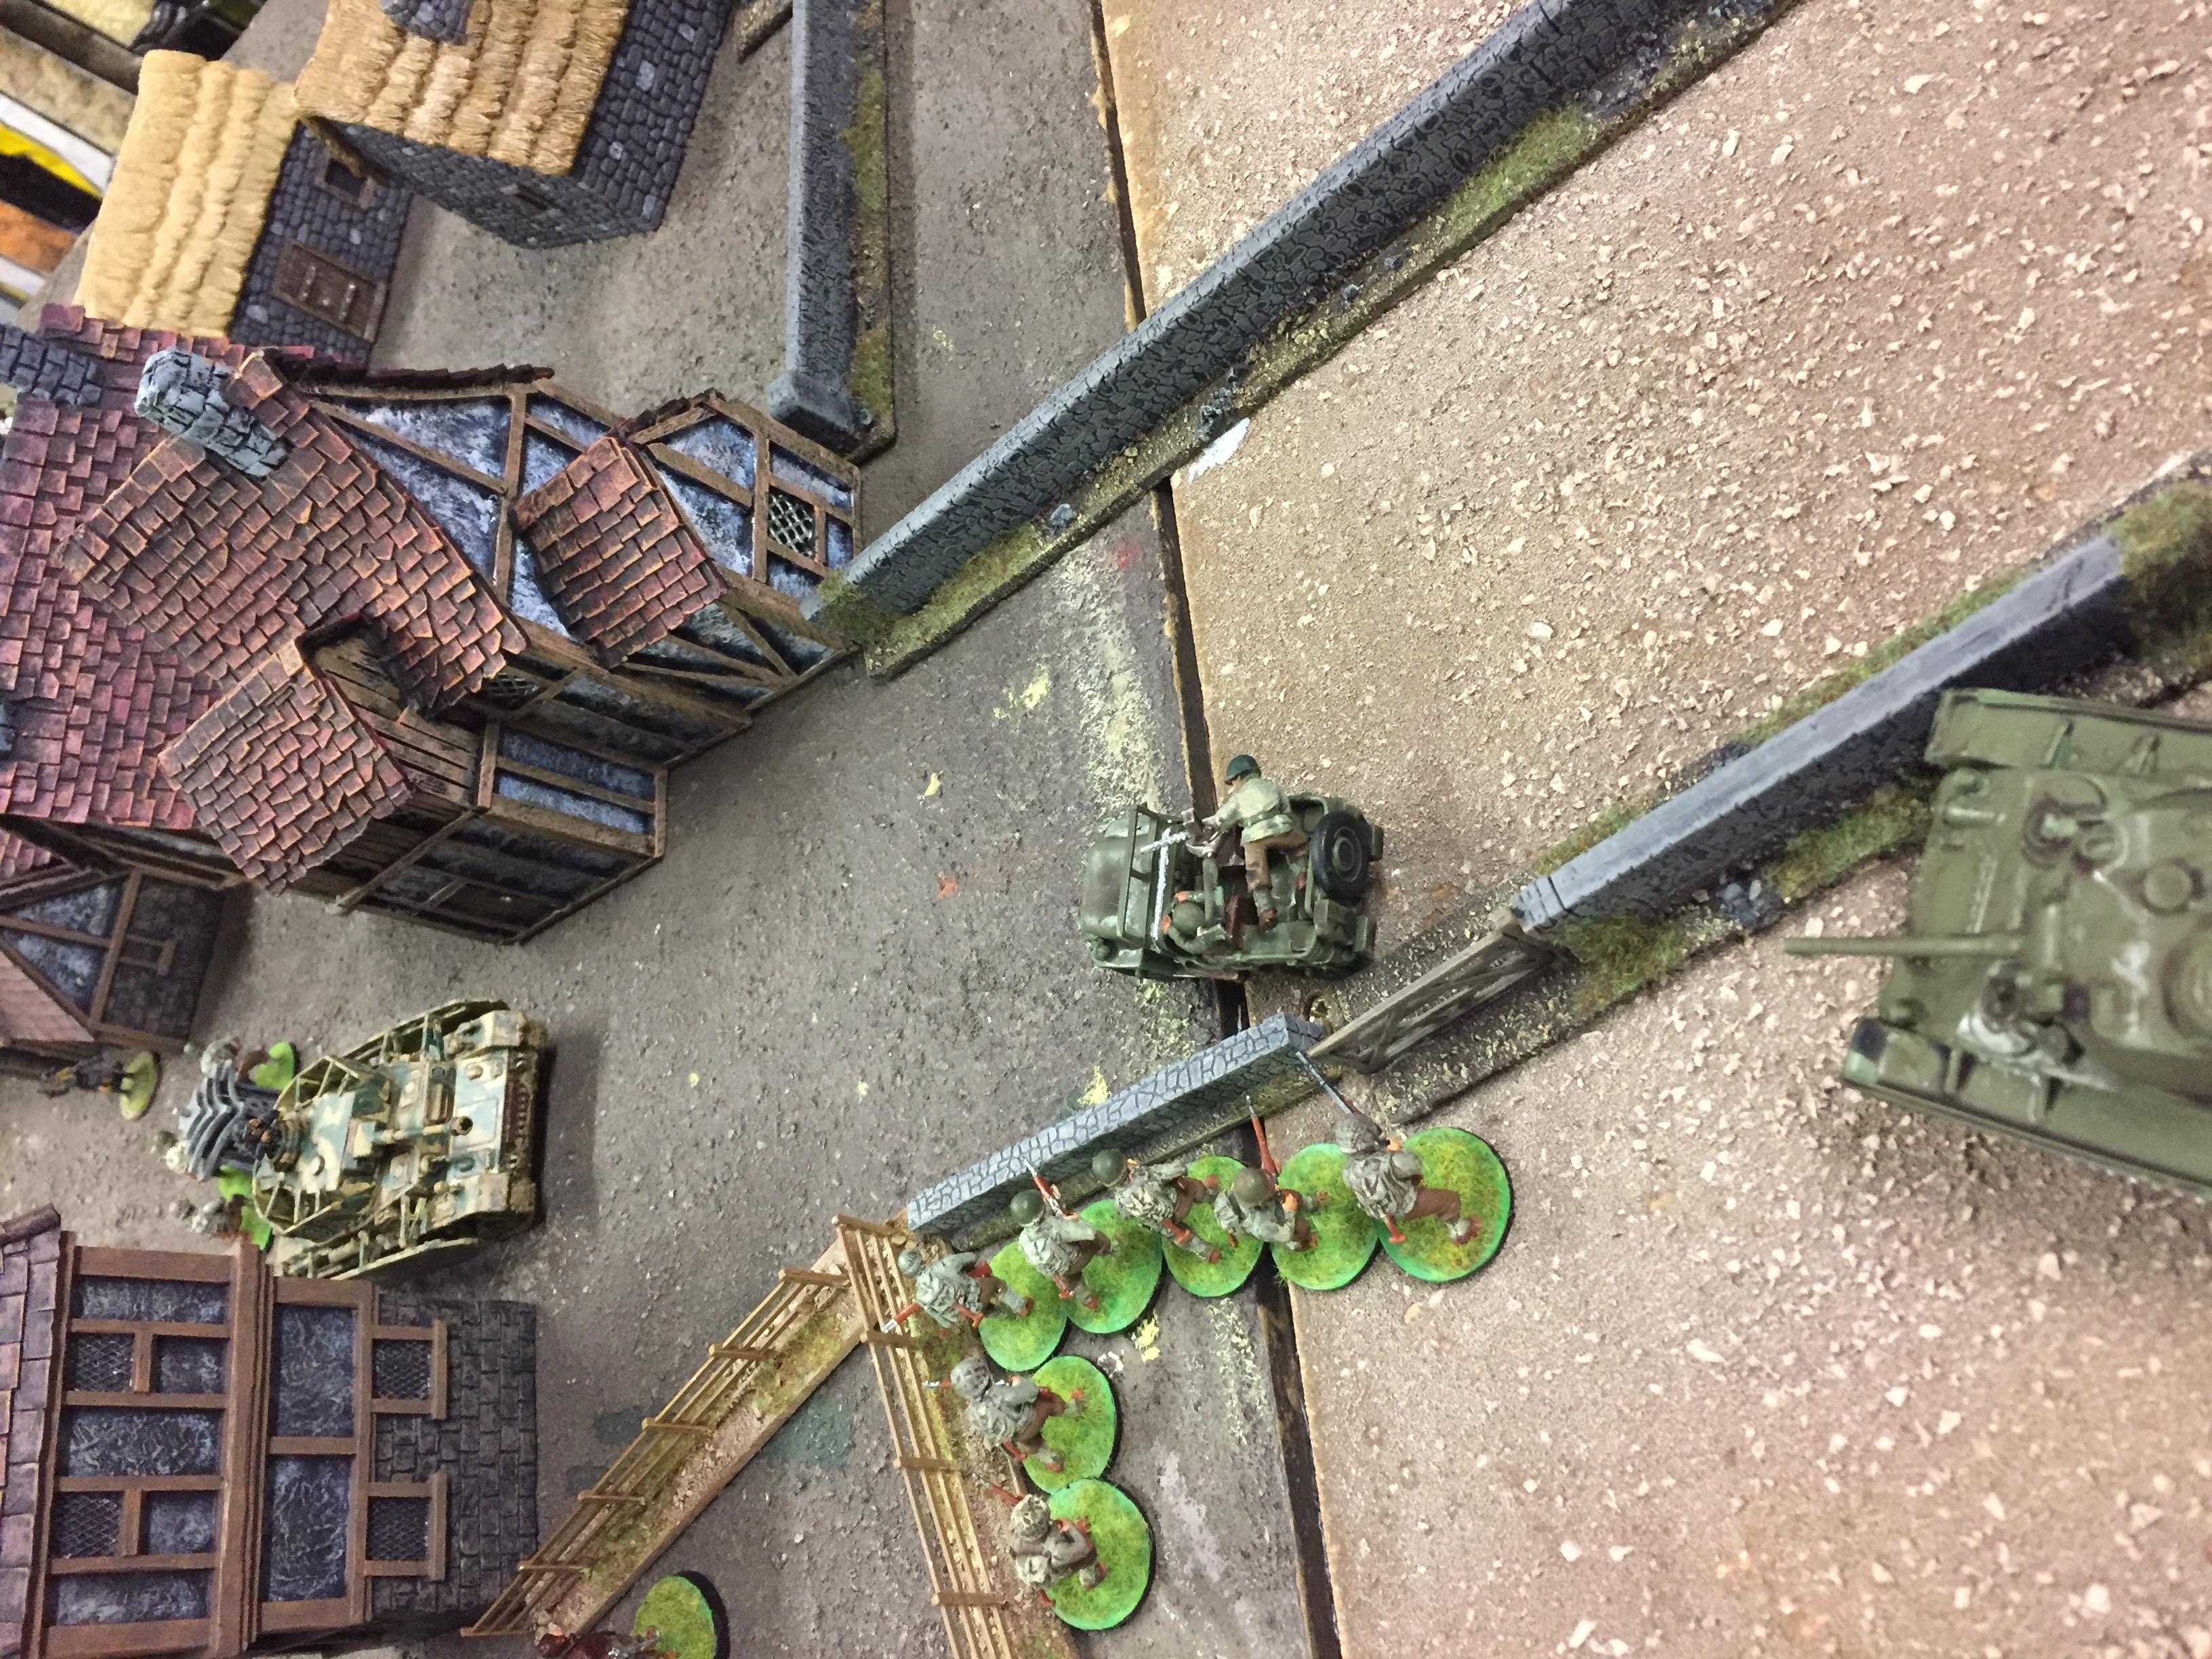 Aaron's Heros versus Skulls and Bones in a fierce infantry engagement